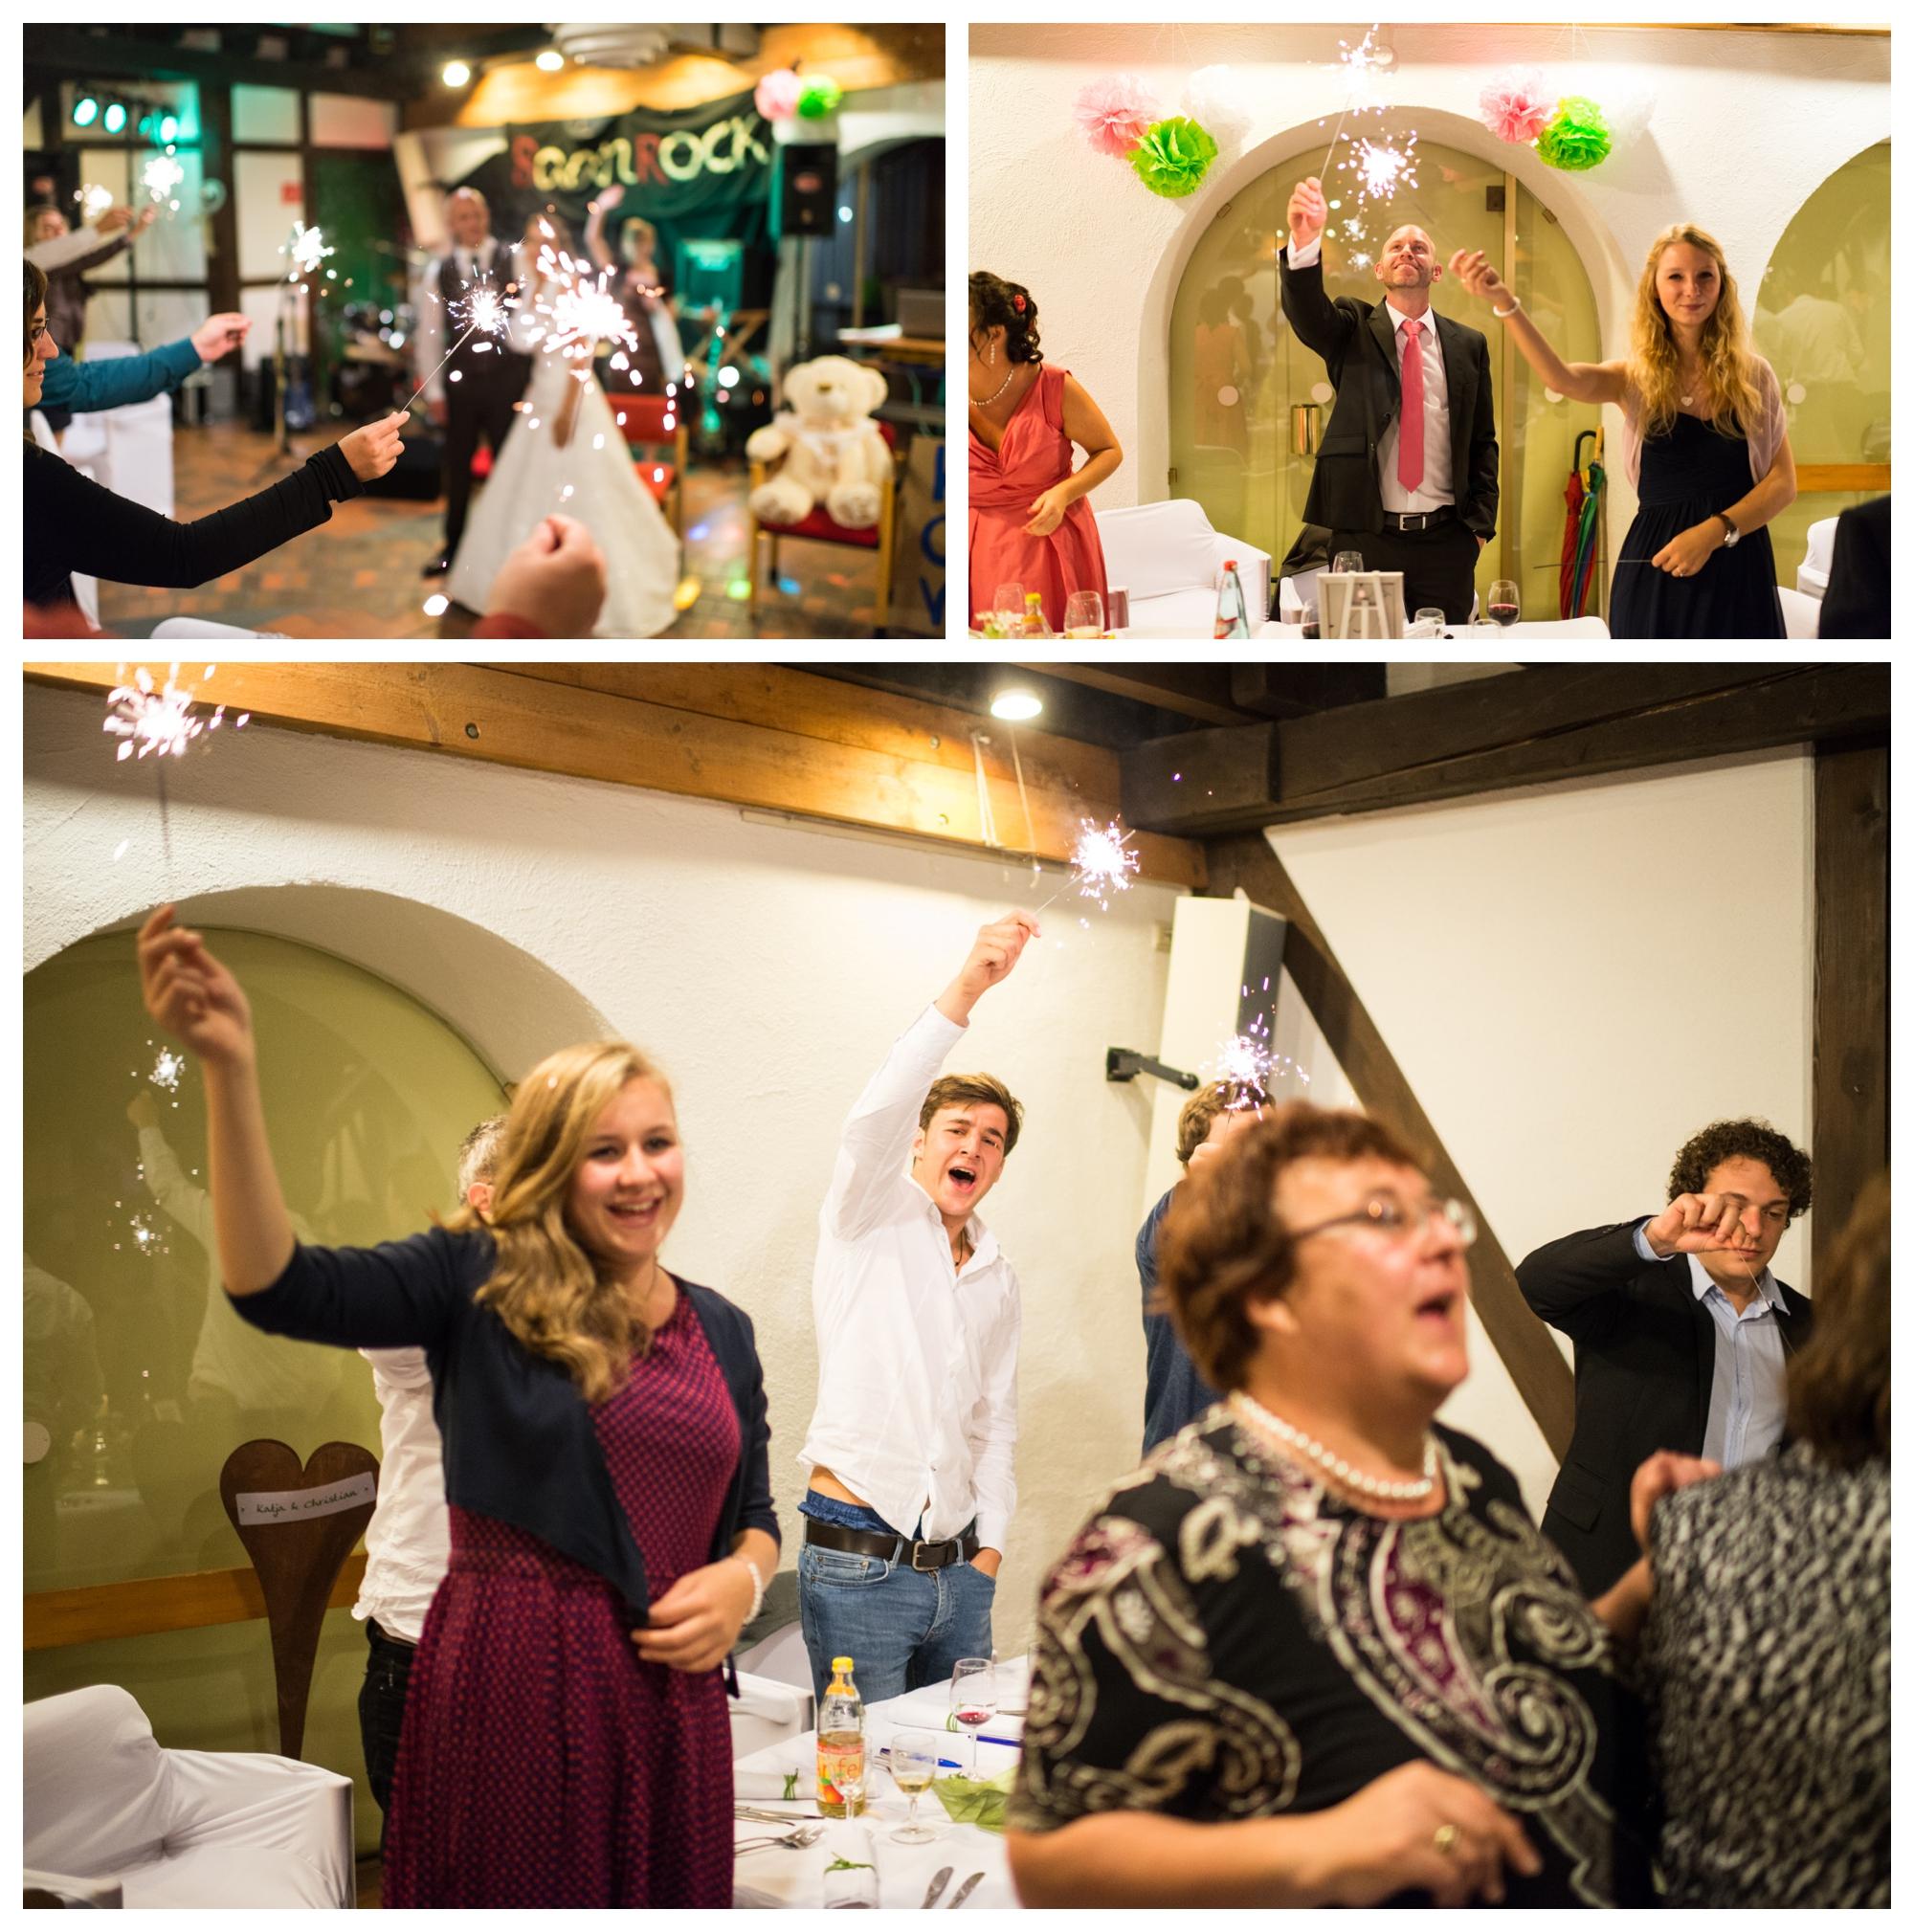 Fotograf Konstanz - Als Hochzeitsfotograf in Bad Dürrheim unterwegs  - 55 -